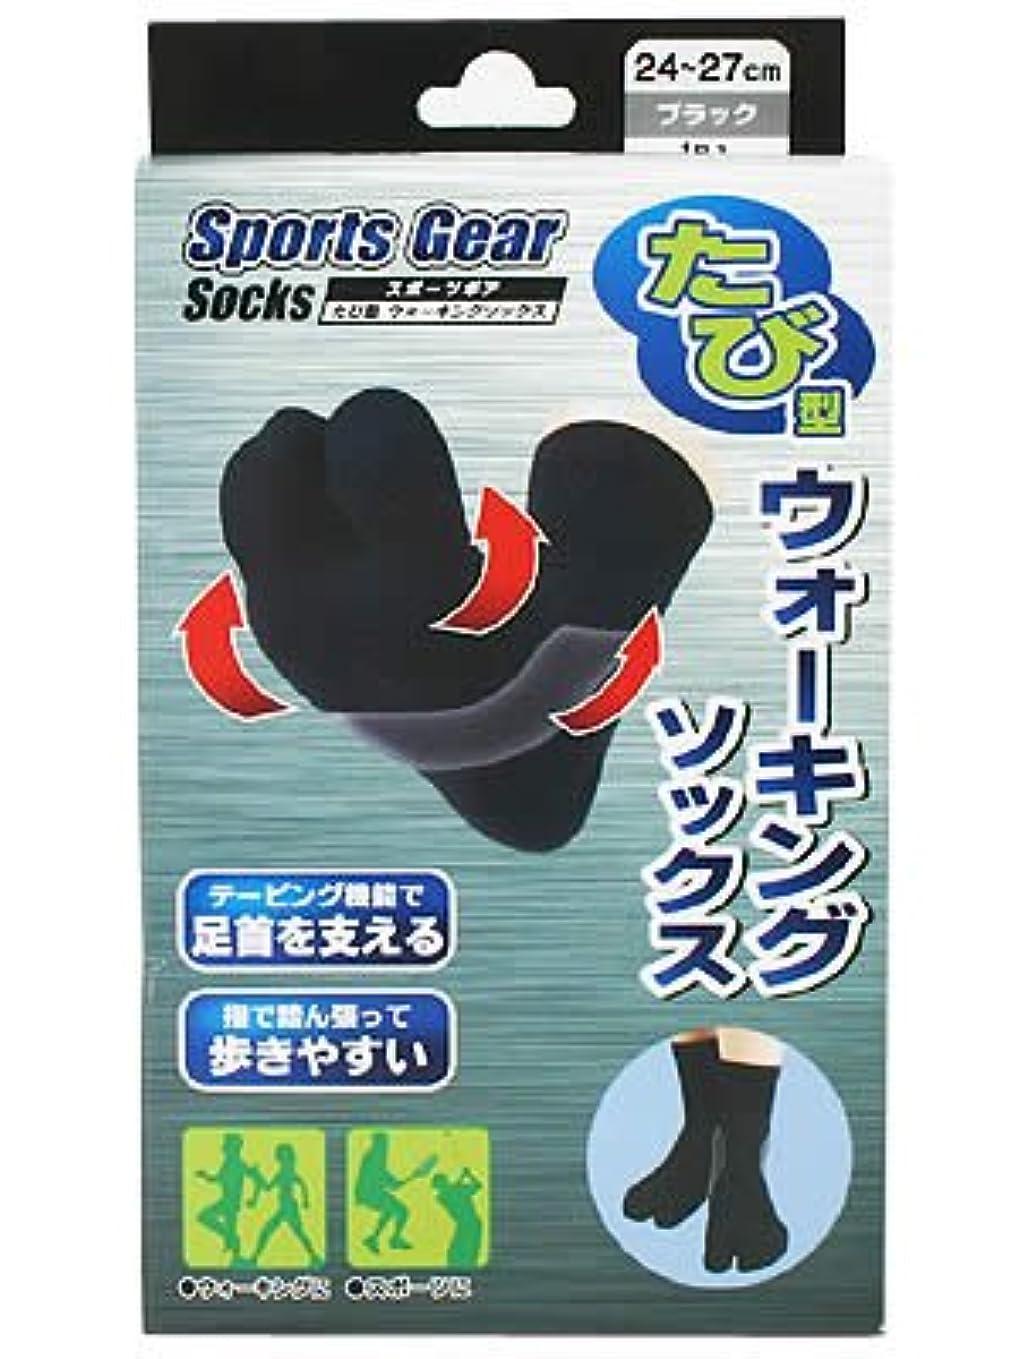 放置マニアックヘルシースポーツギア たび型 ウォーキングソックス 24~27cm ブラック